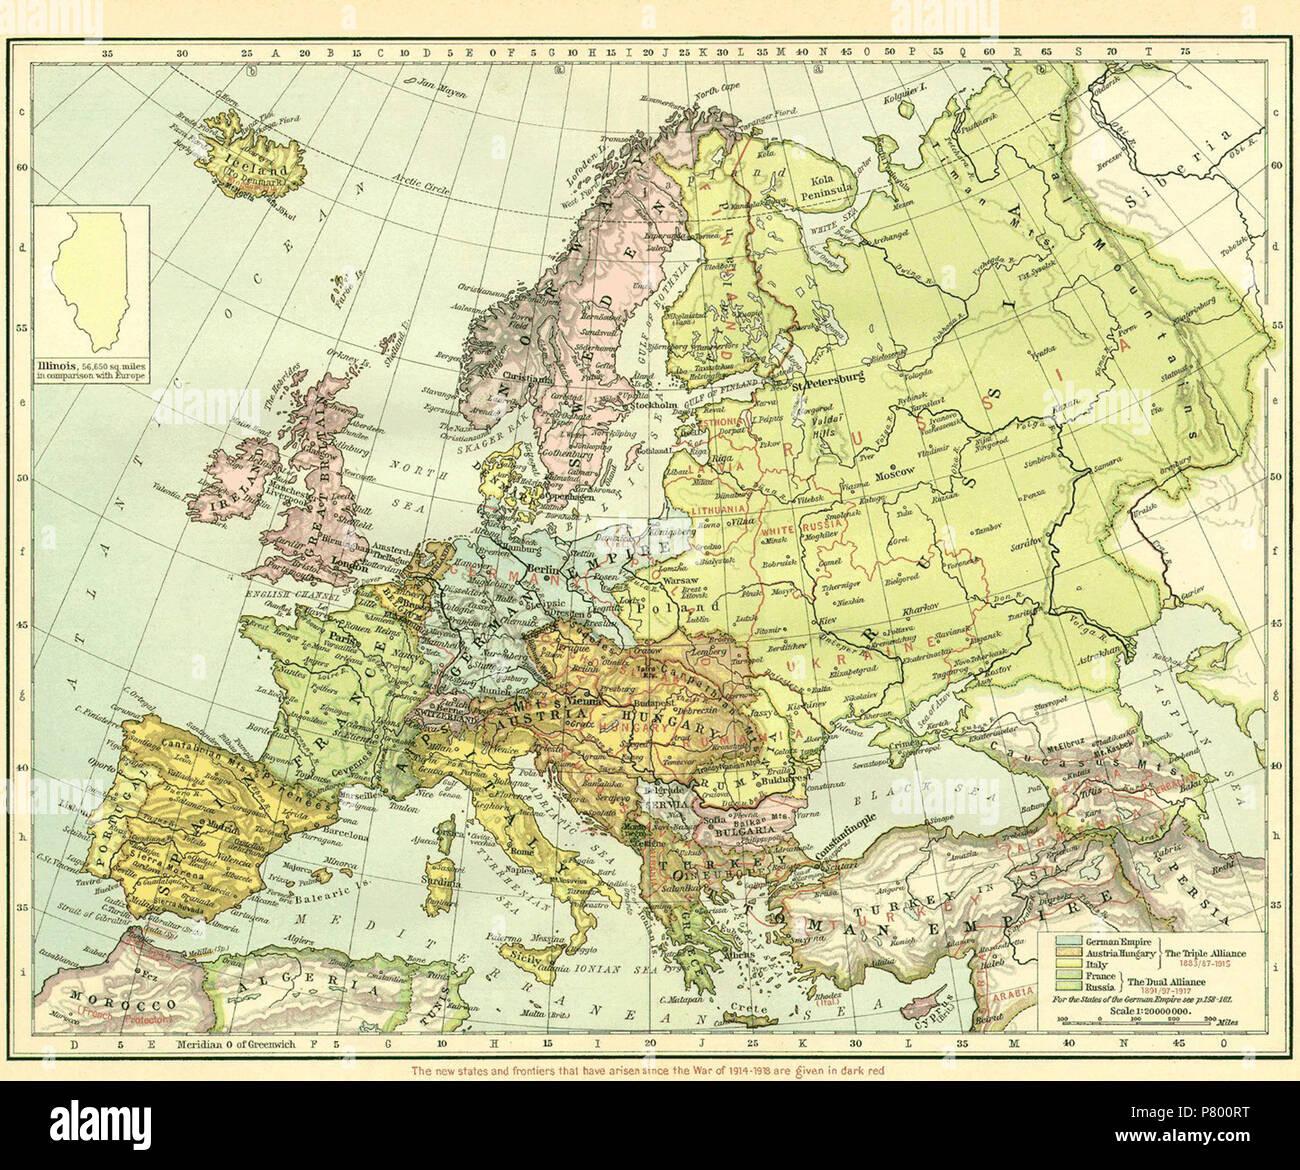 Carte De Leurope Apres La Premiere Guerre Mondiale.Anglais Carte De L Europe Immediatement Apres La Premiere